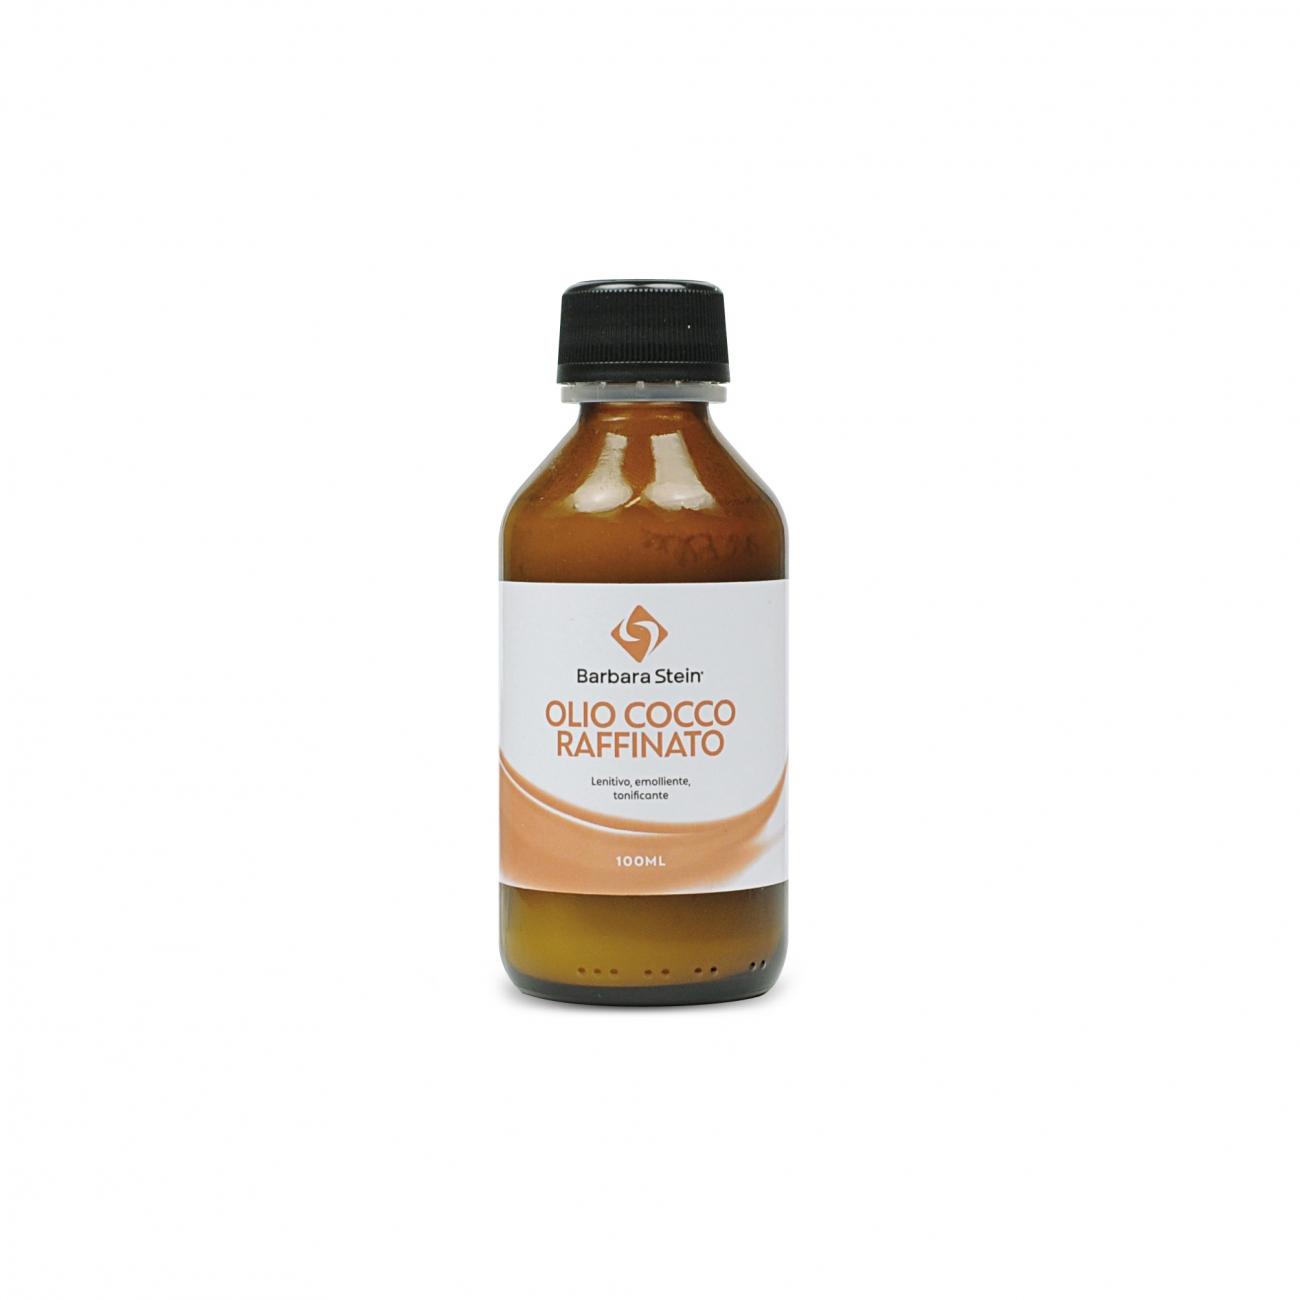 OLIO COCCO RAFFINATO (100 ml)